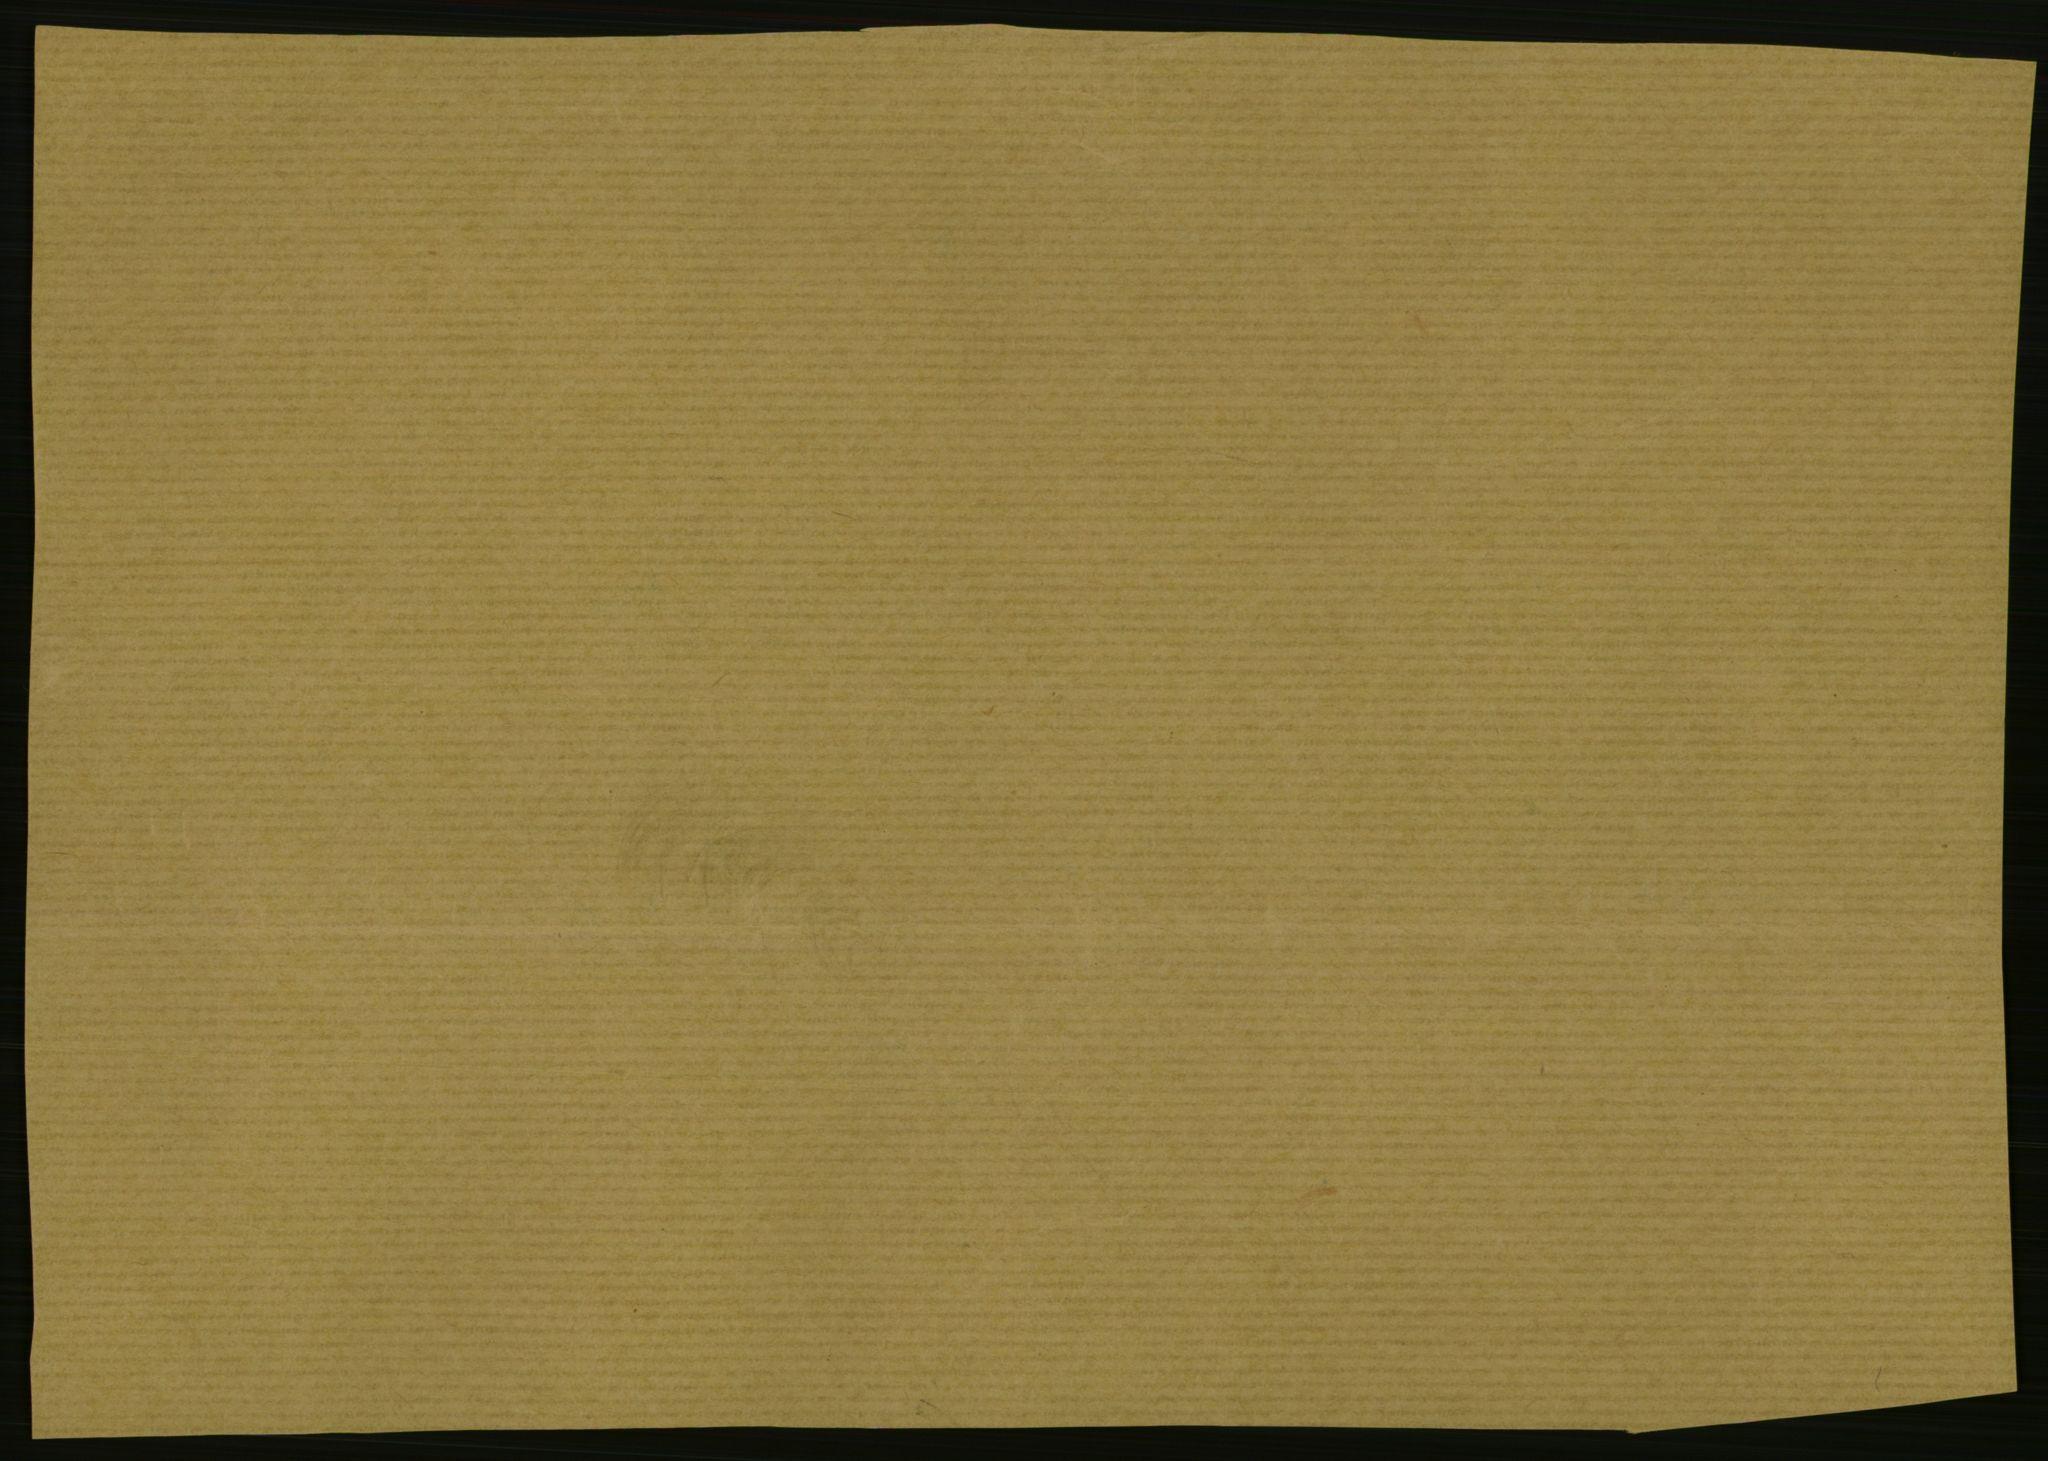 RA, Statistisk sentralbyrå, Sosiodemografiske emner, Befolkning, D/Df/Dfa/Dfaa/L0017: Søndre Trondhjems amt: Fødte, gifte, døde., 1903, s. 2